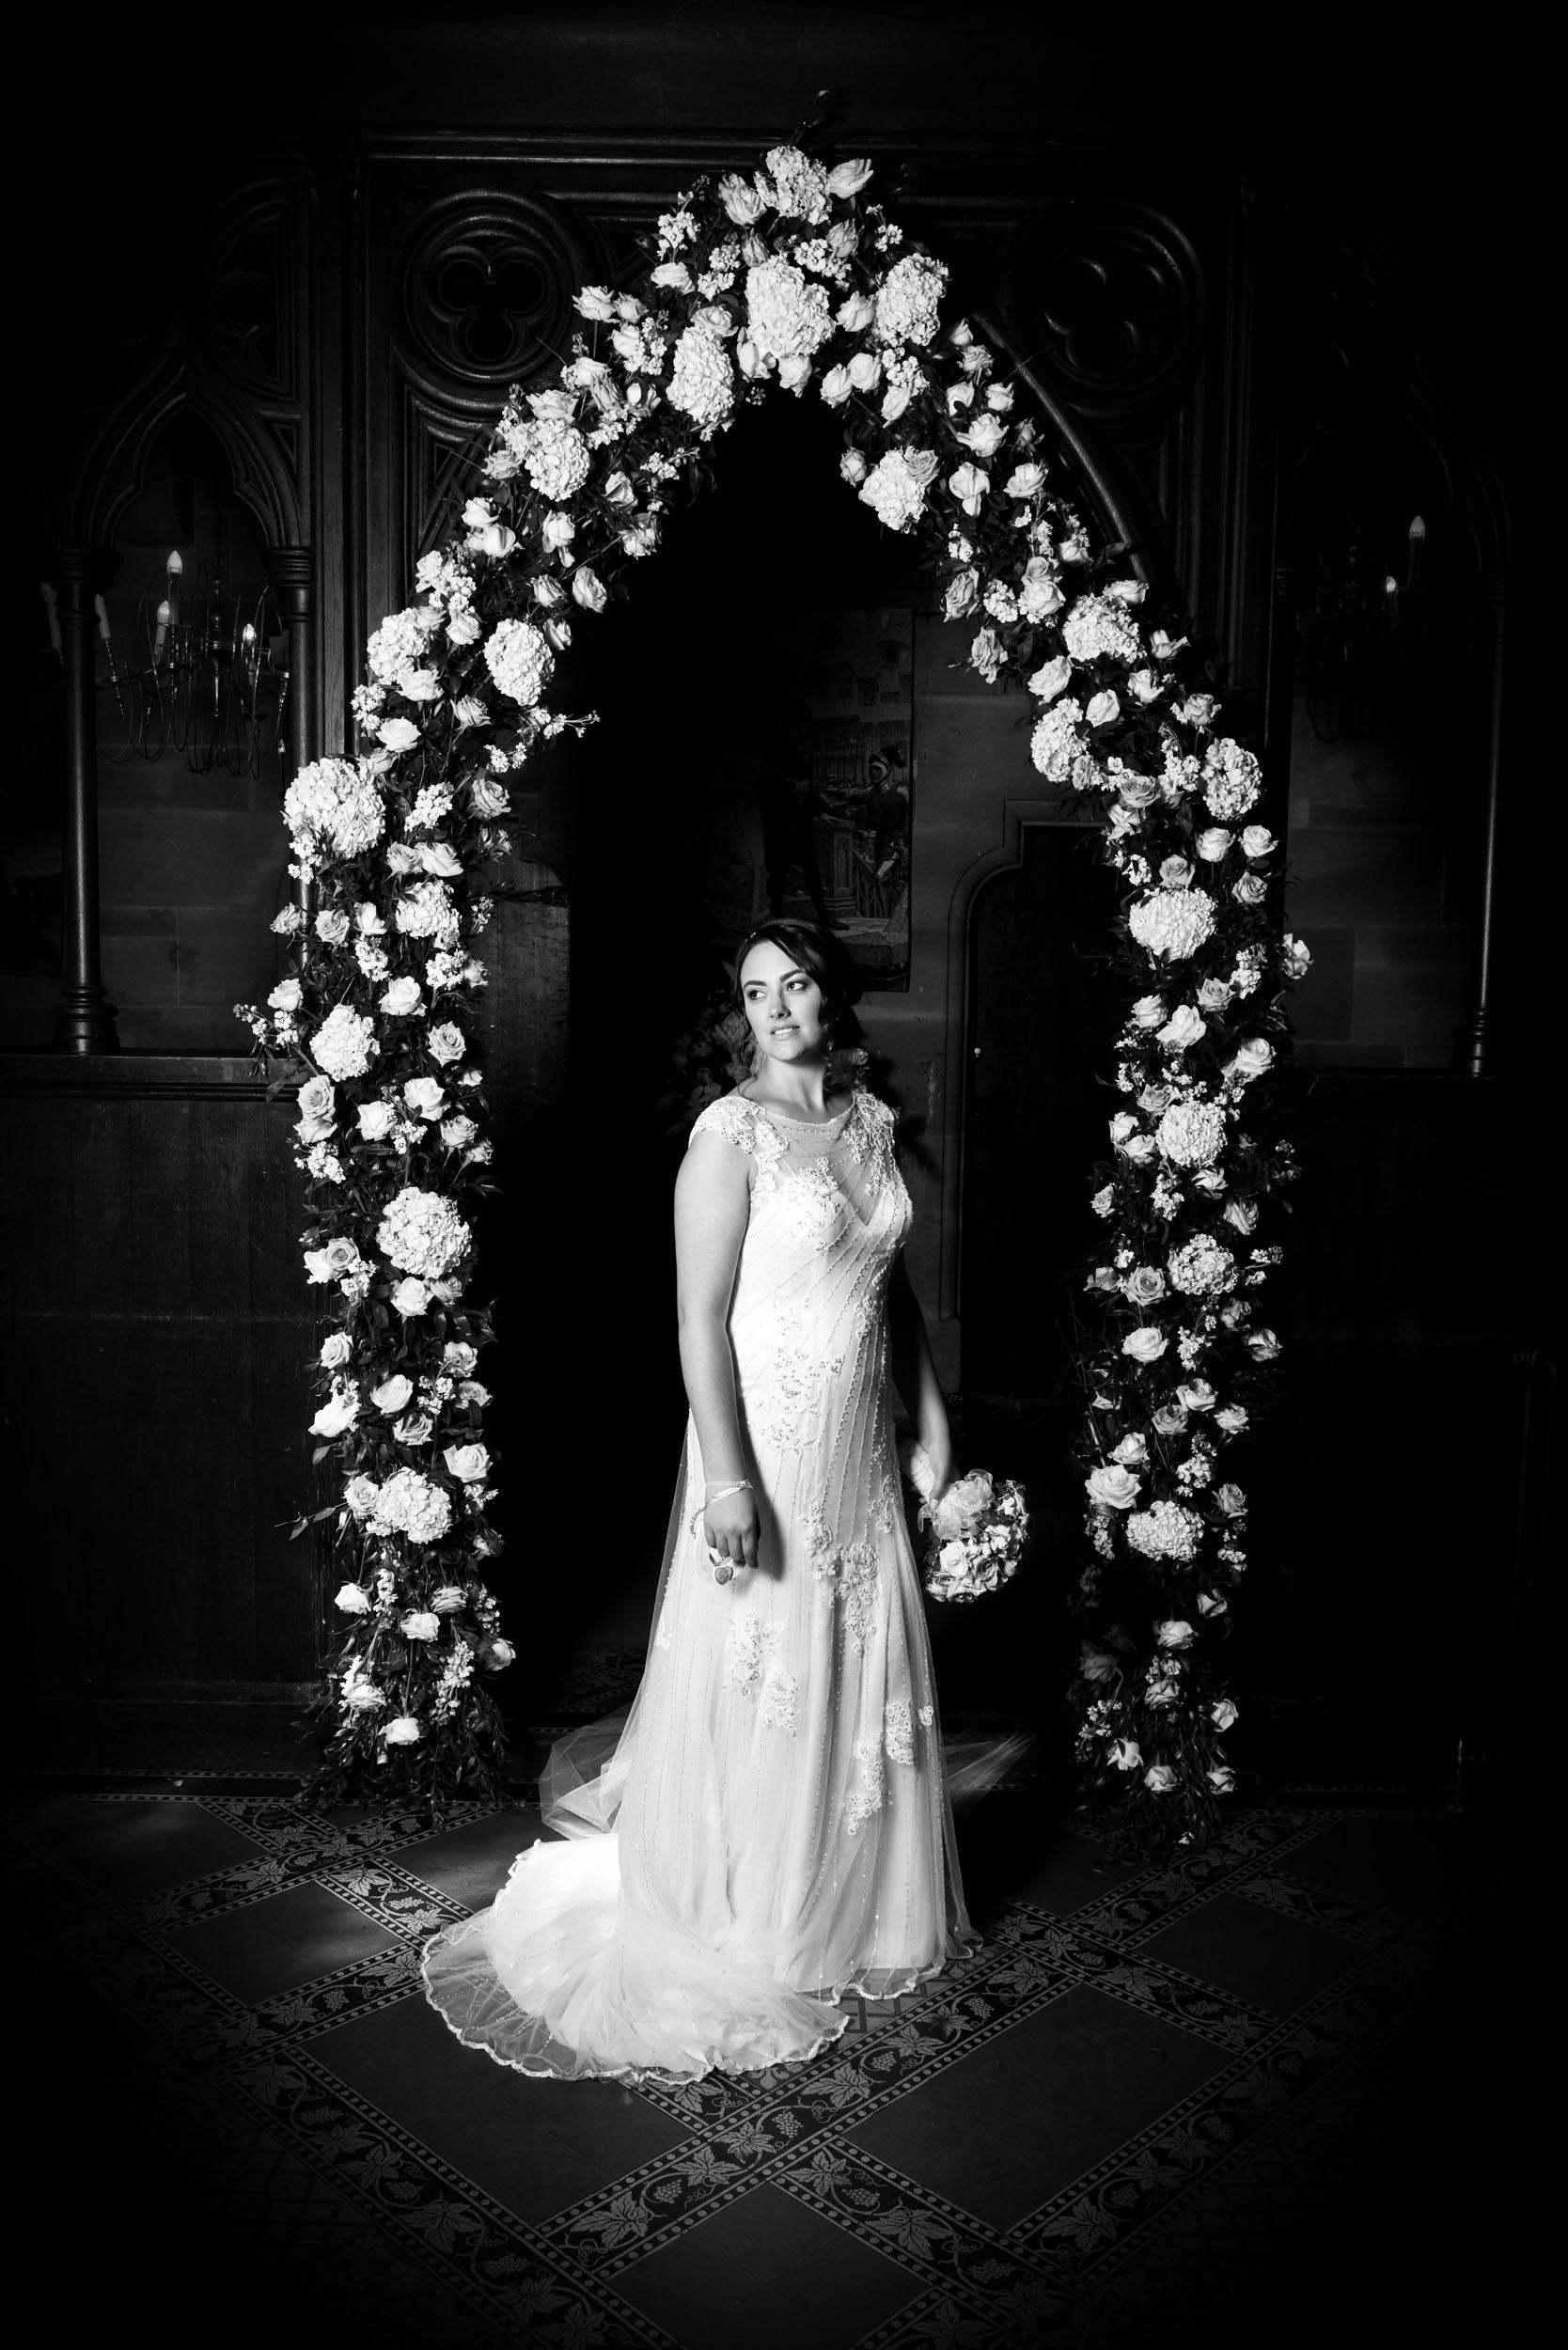 black-and-white-dark-vignette-richard-linnett-photography-peckforton-castle-cheshire